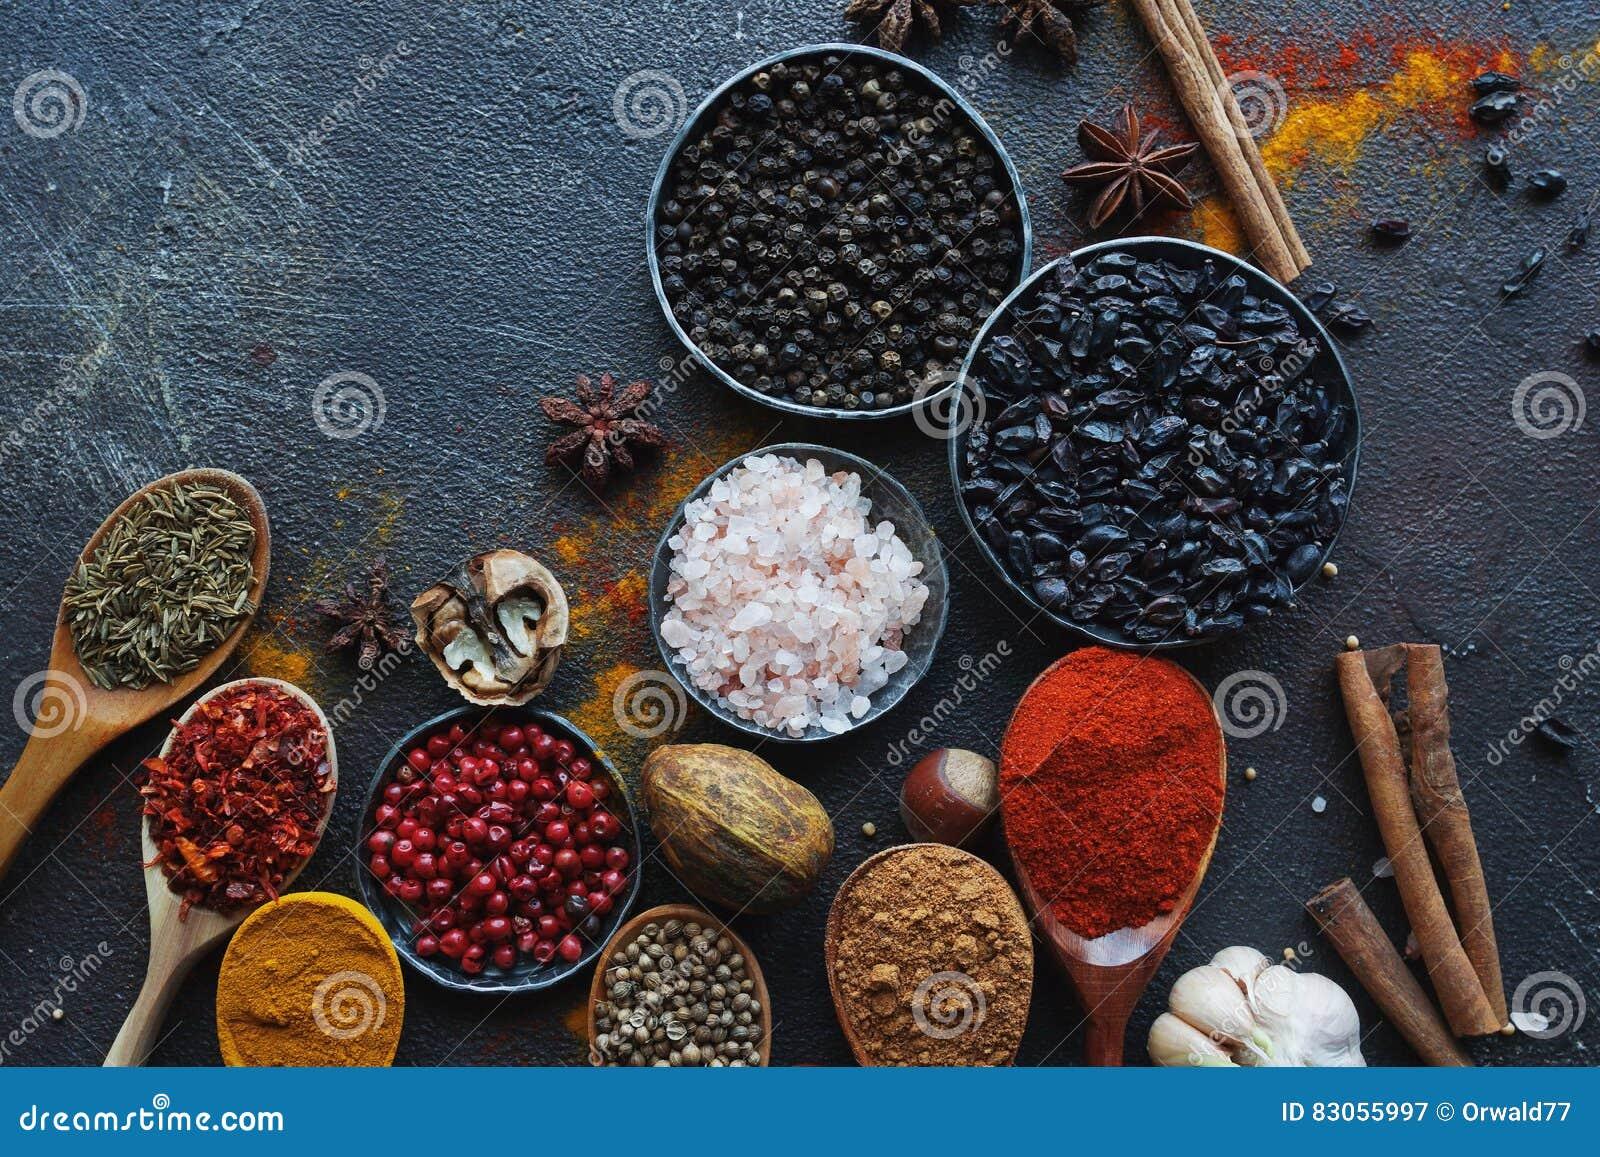 Diverse Indische kruiden in houten lepels en metaalkommen en noten op donkere steenlijst Kleurrijke kruiden, hoogste mening